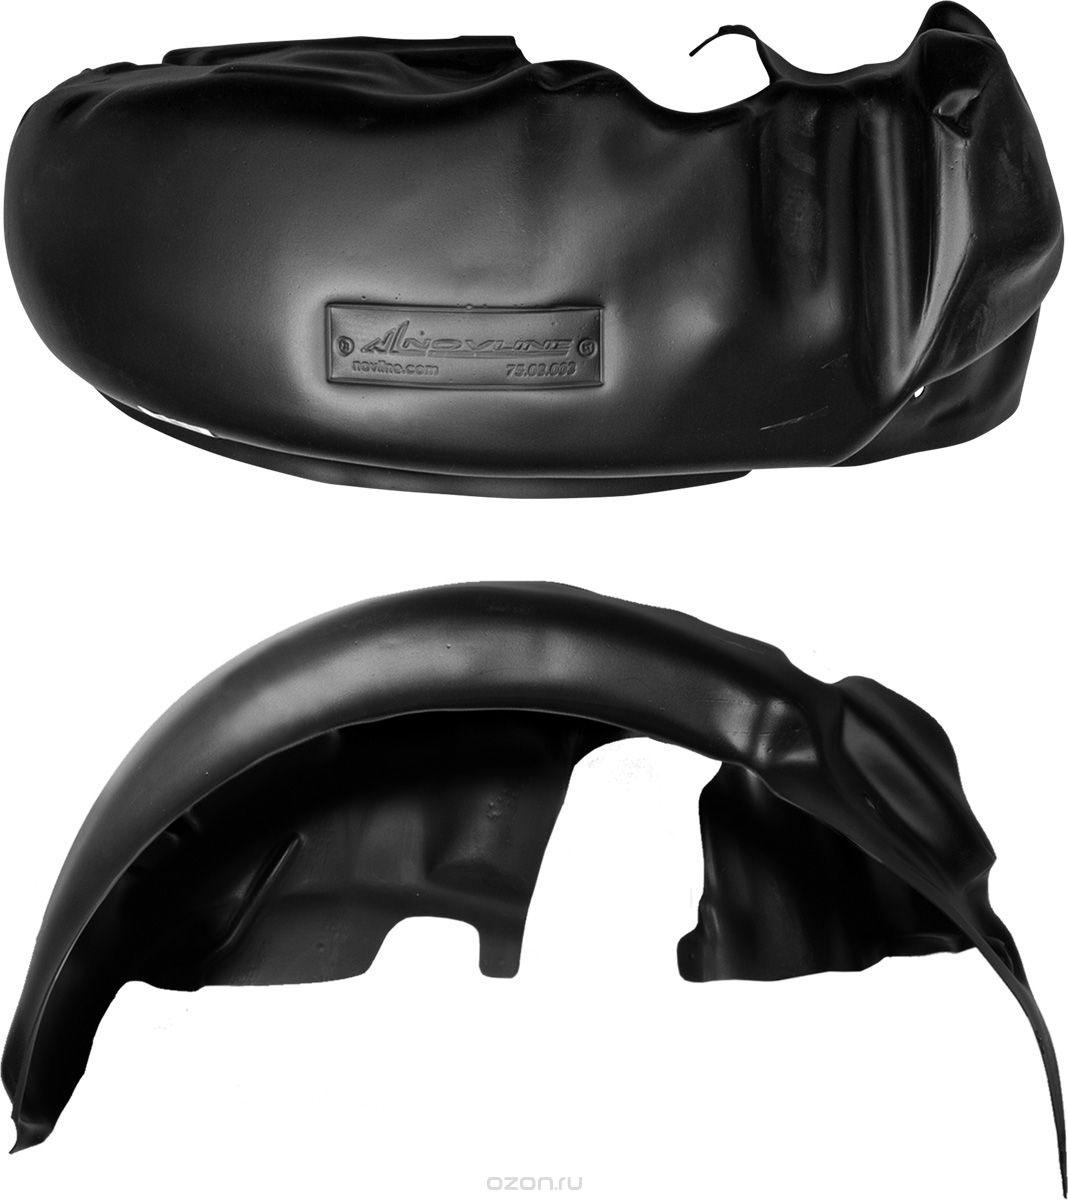 Подкрылок Novline-Autofamily, для MITSUBISHI Lancer X 03/2007->, хб., задний правыйVCA-00Идеальная защита колесной ниши. Локеры разработаны с применением цифровых технологий, гарантируют максимальную повторяемость поверхности арки. Изделия устанавливаются без нарушения лакокрасочного покрытия автомобиля, каждый подкрылок комплектуется крепежом. Уважаемые клиенты, обращаем ваше внимание, что фотографии на подкрылки универсальные и не отражают реальную форму изделия. При этом само изделие идет точно под размер указанного автомобиля.